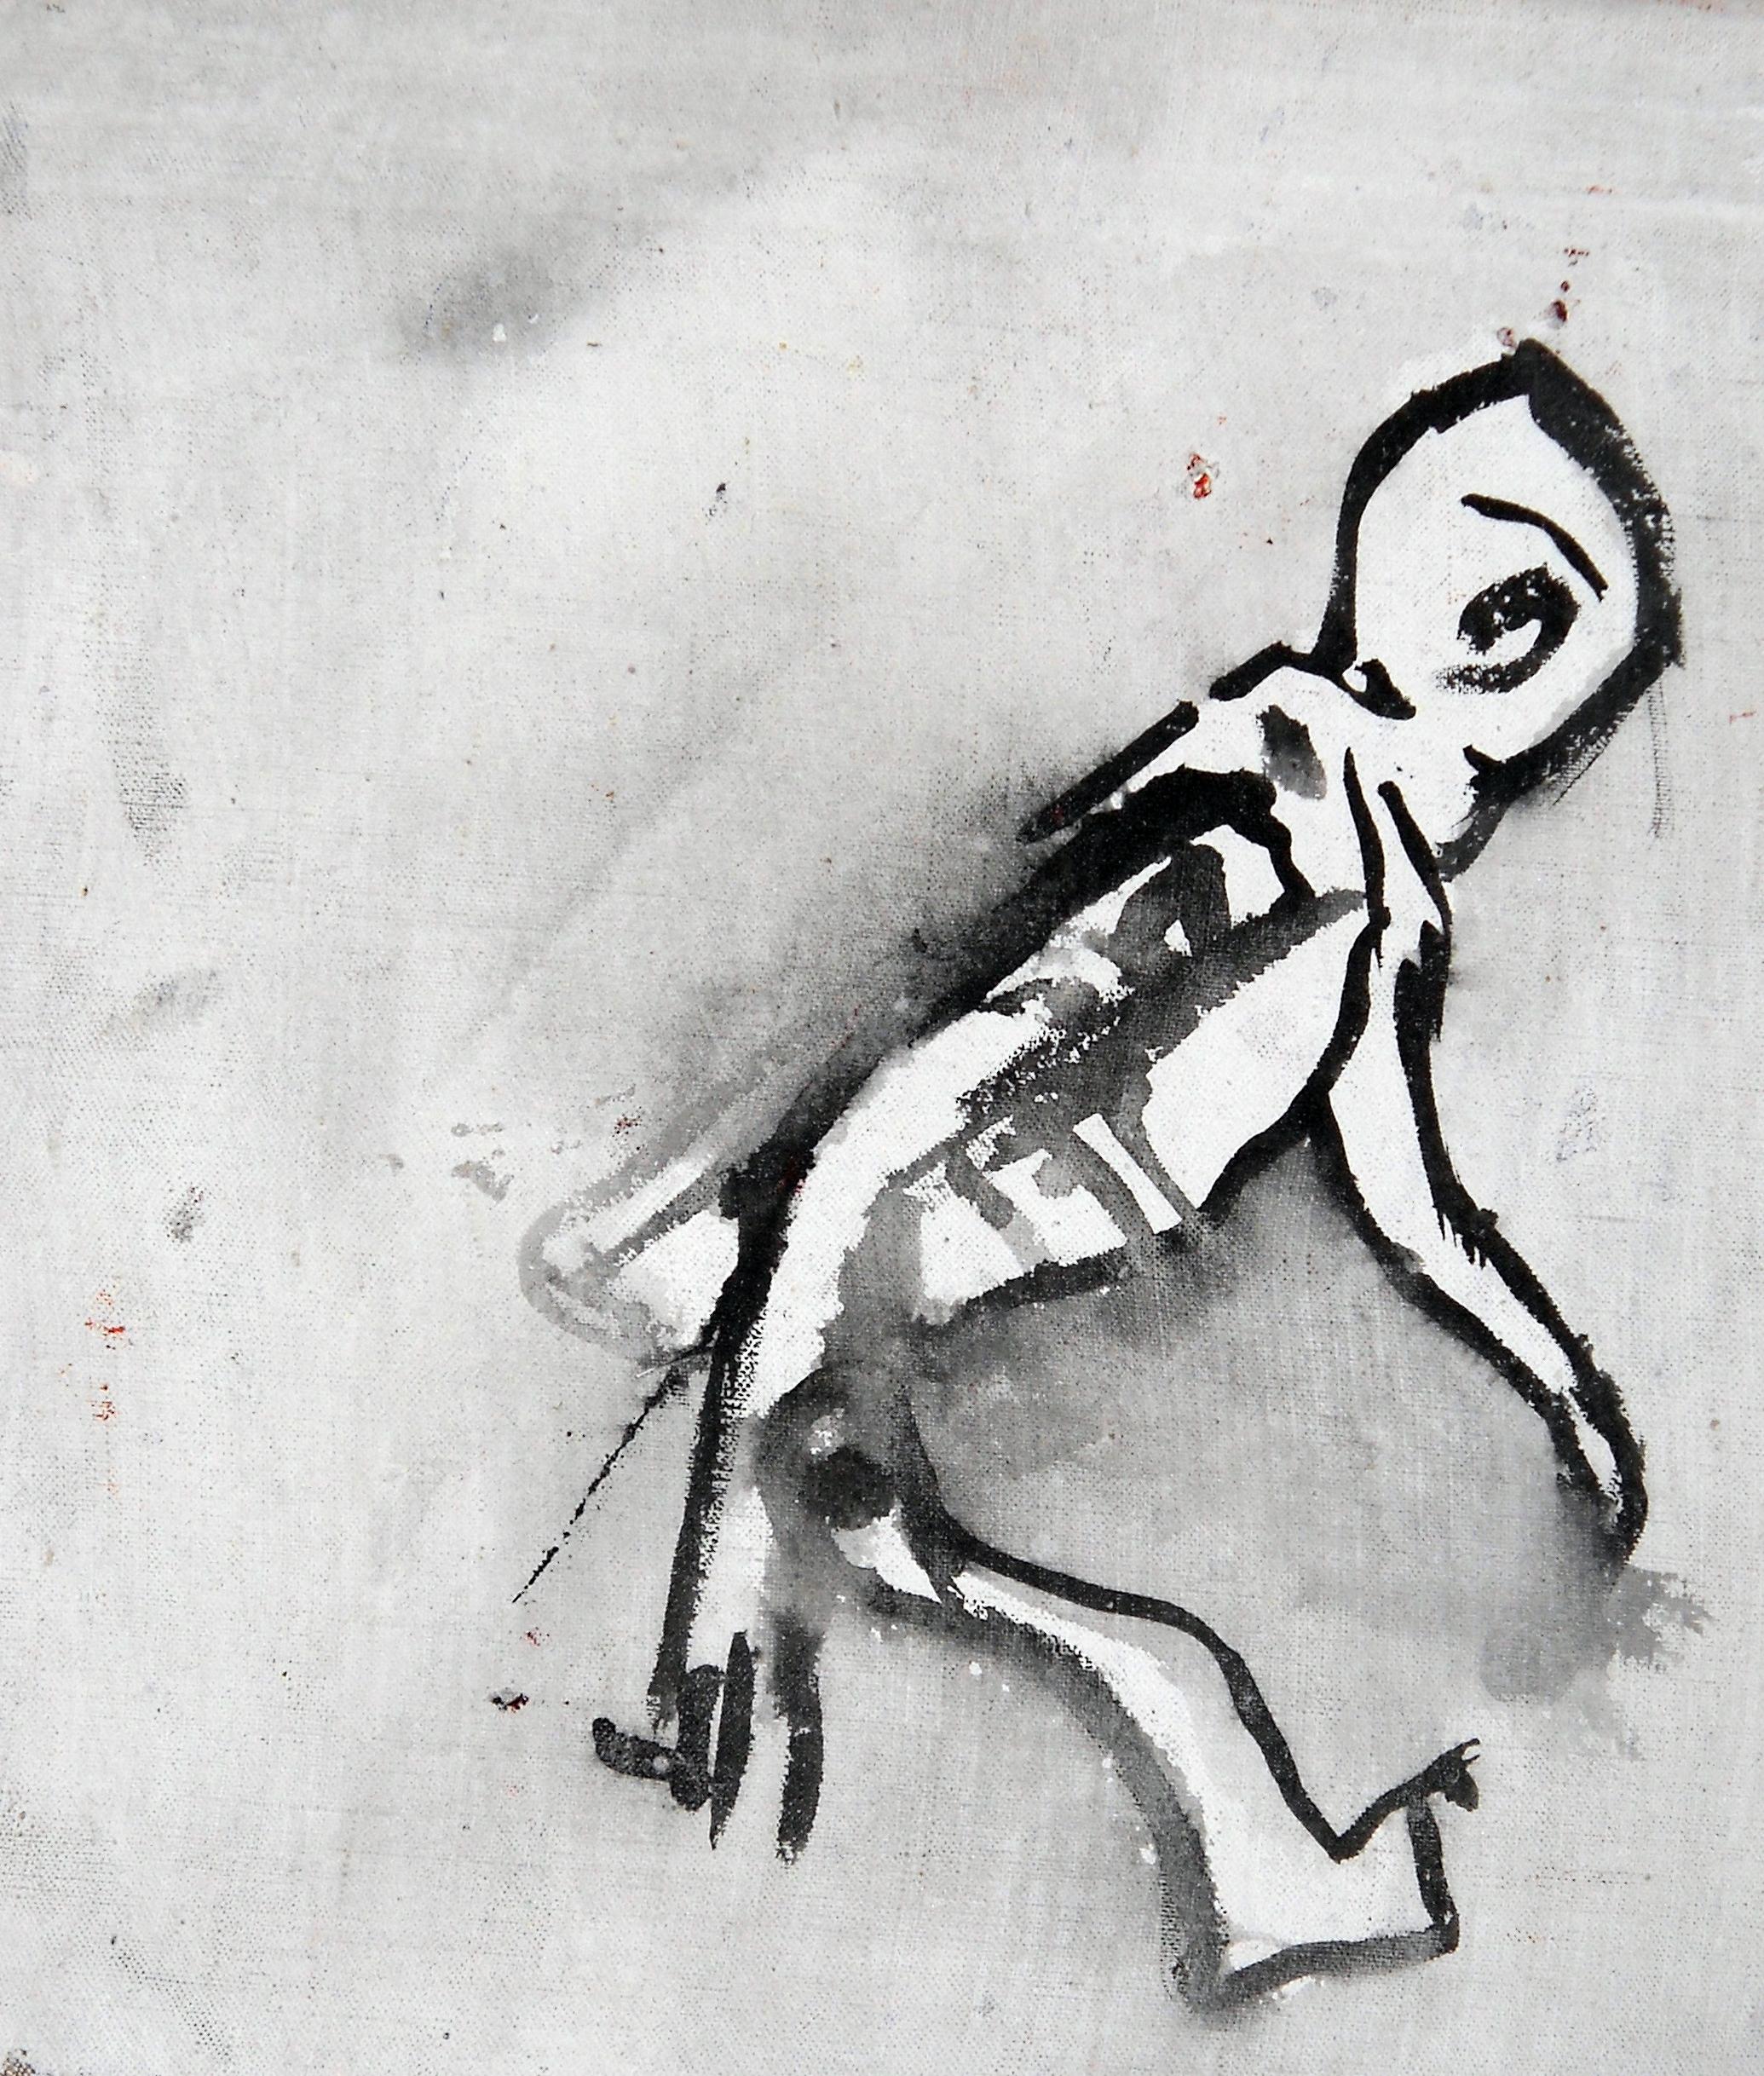 OBJECTO - cm 30x30 - acrilico sobre lienzo